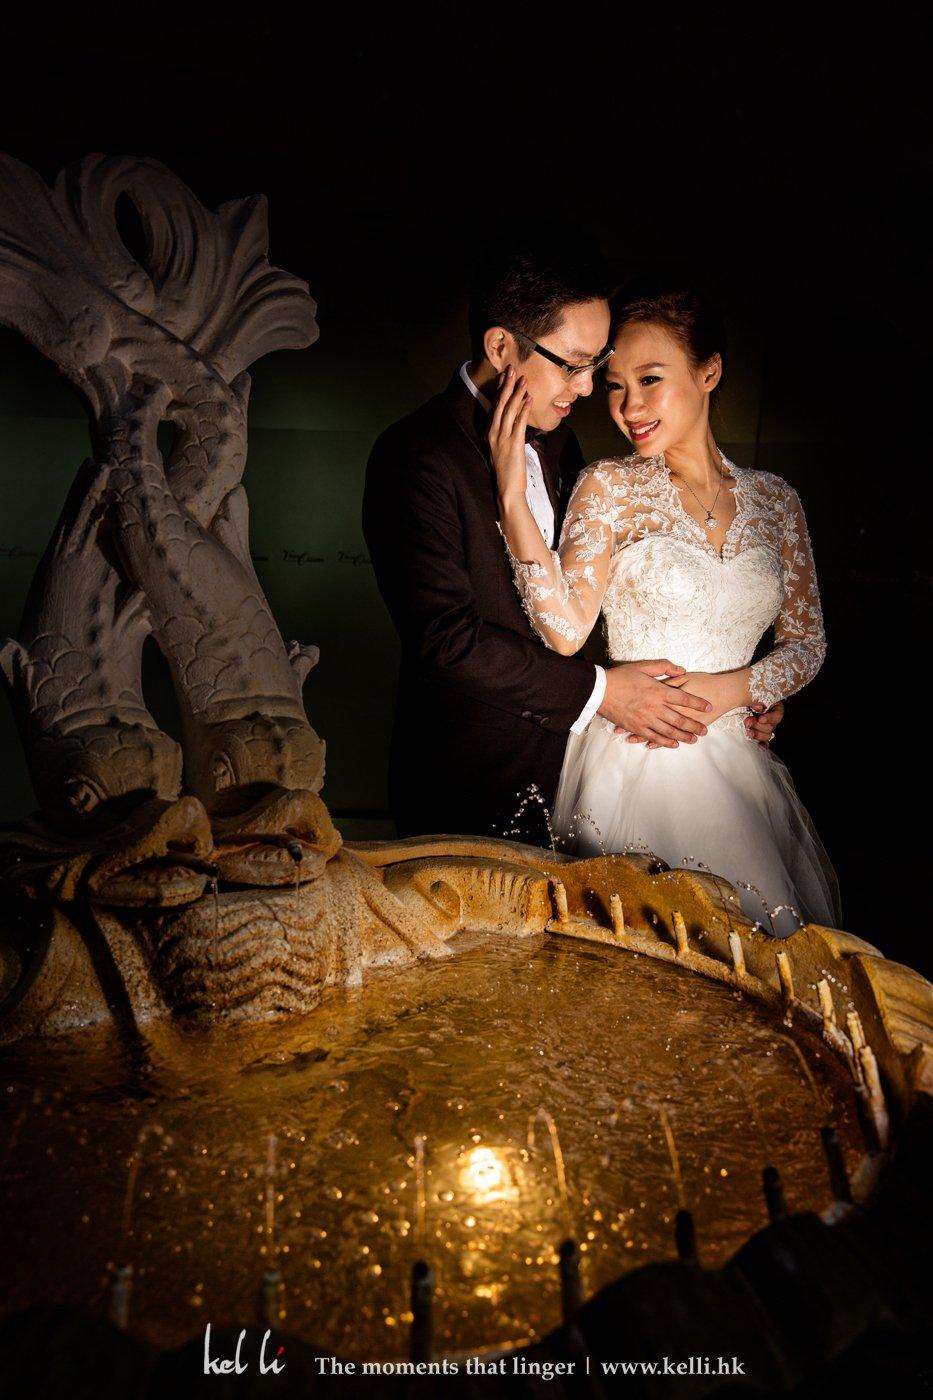 新人在婚禮當天的外影